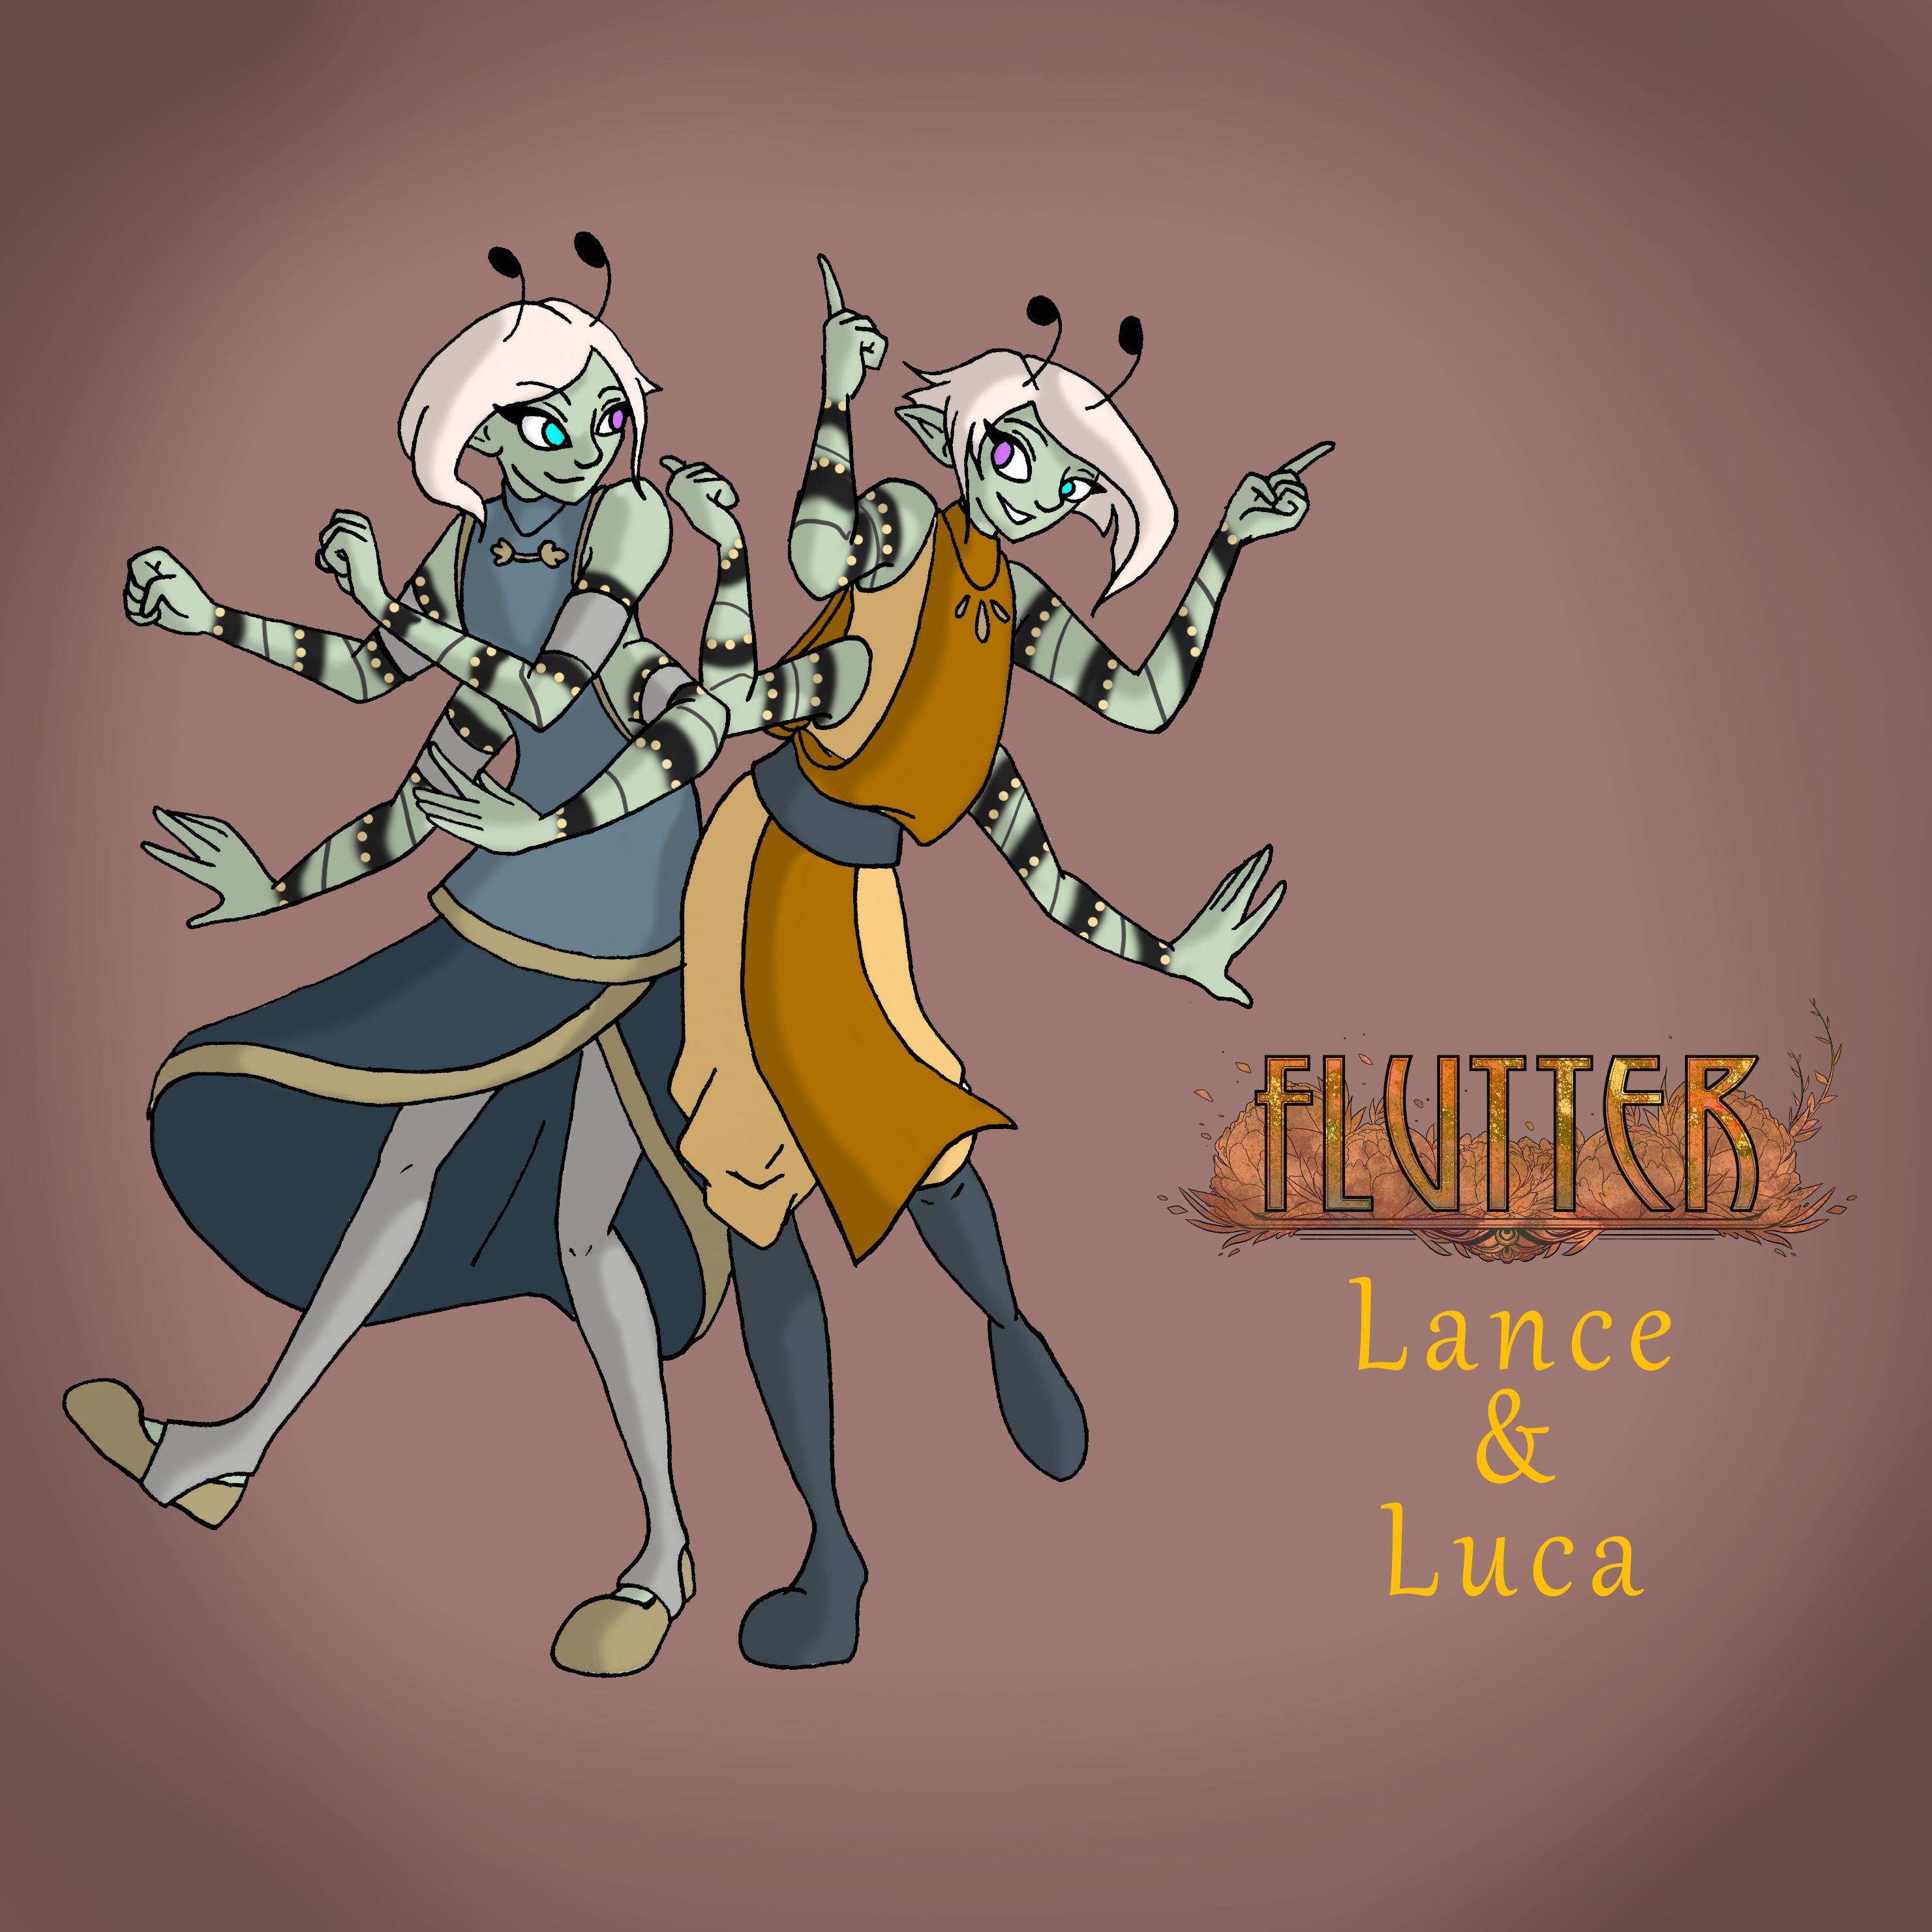 Lance & Luca